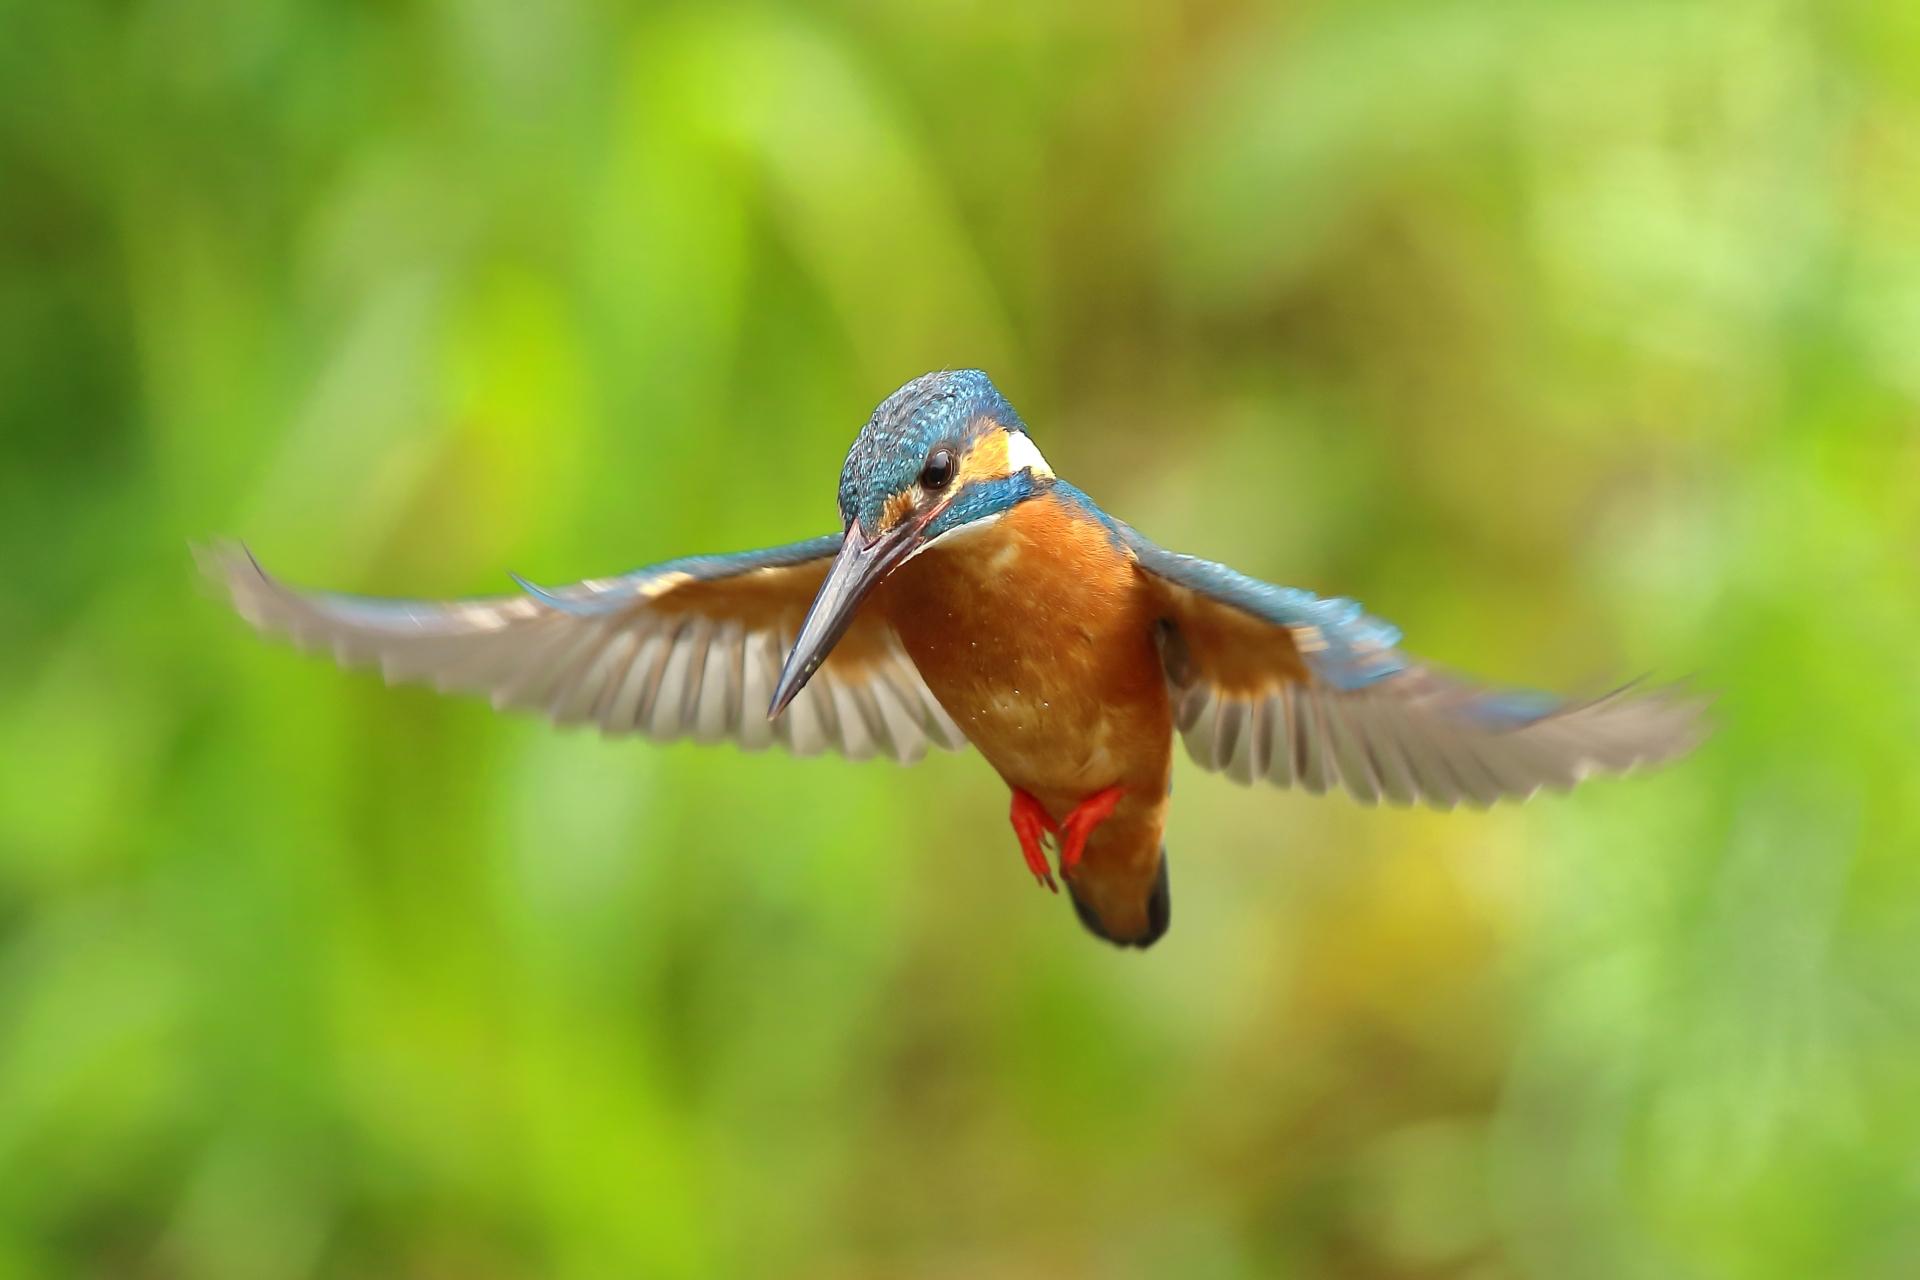 matsunoyama-kyororo-kingfisher